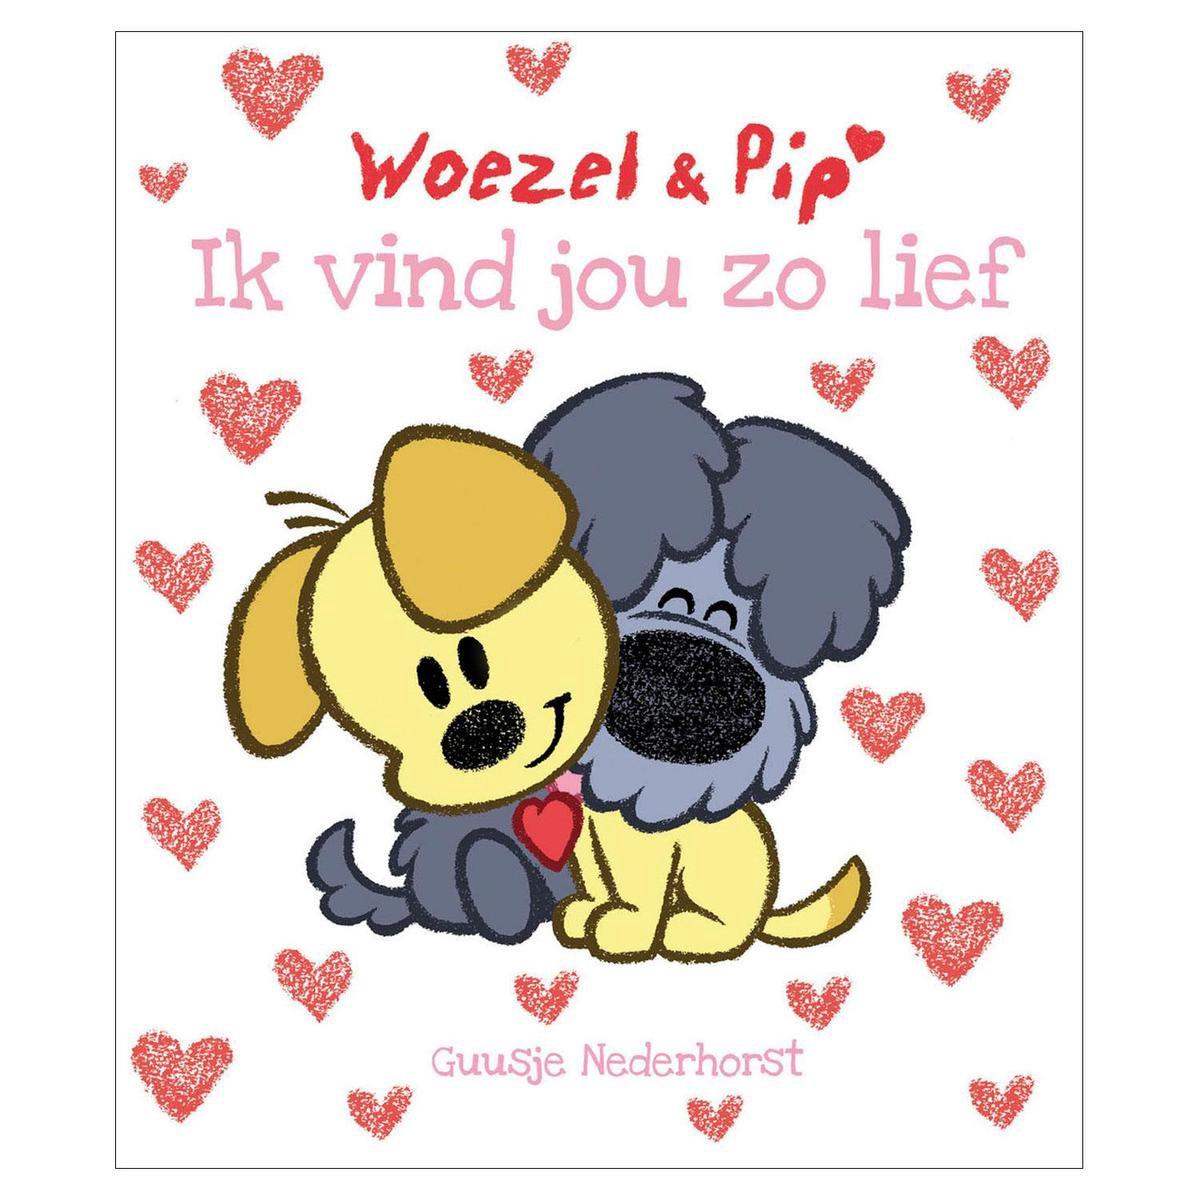 Woezel & Pip  -   Ik vind jou zo lief